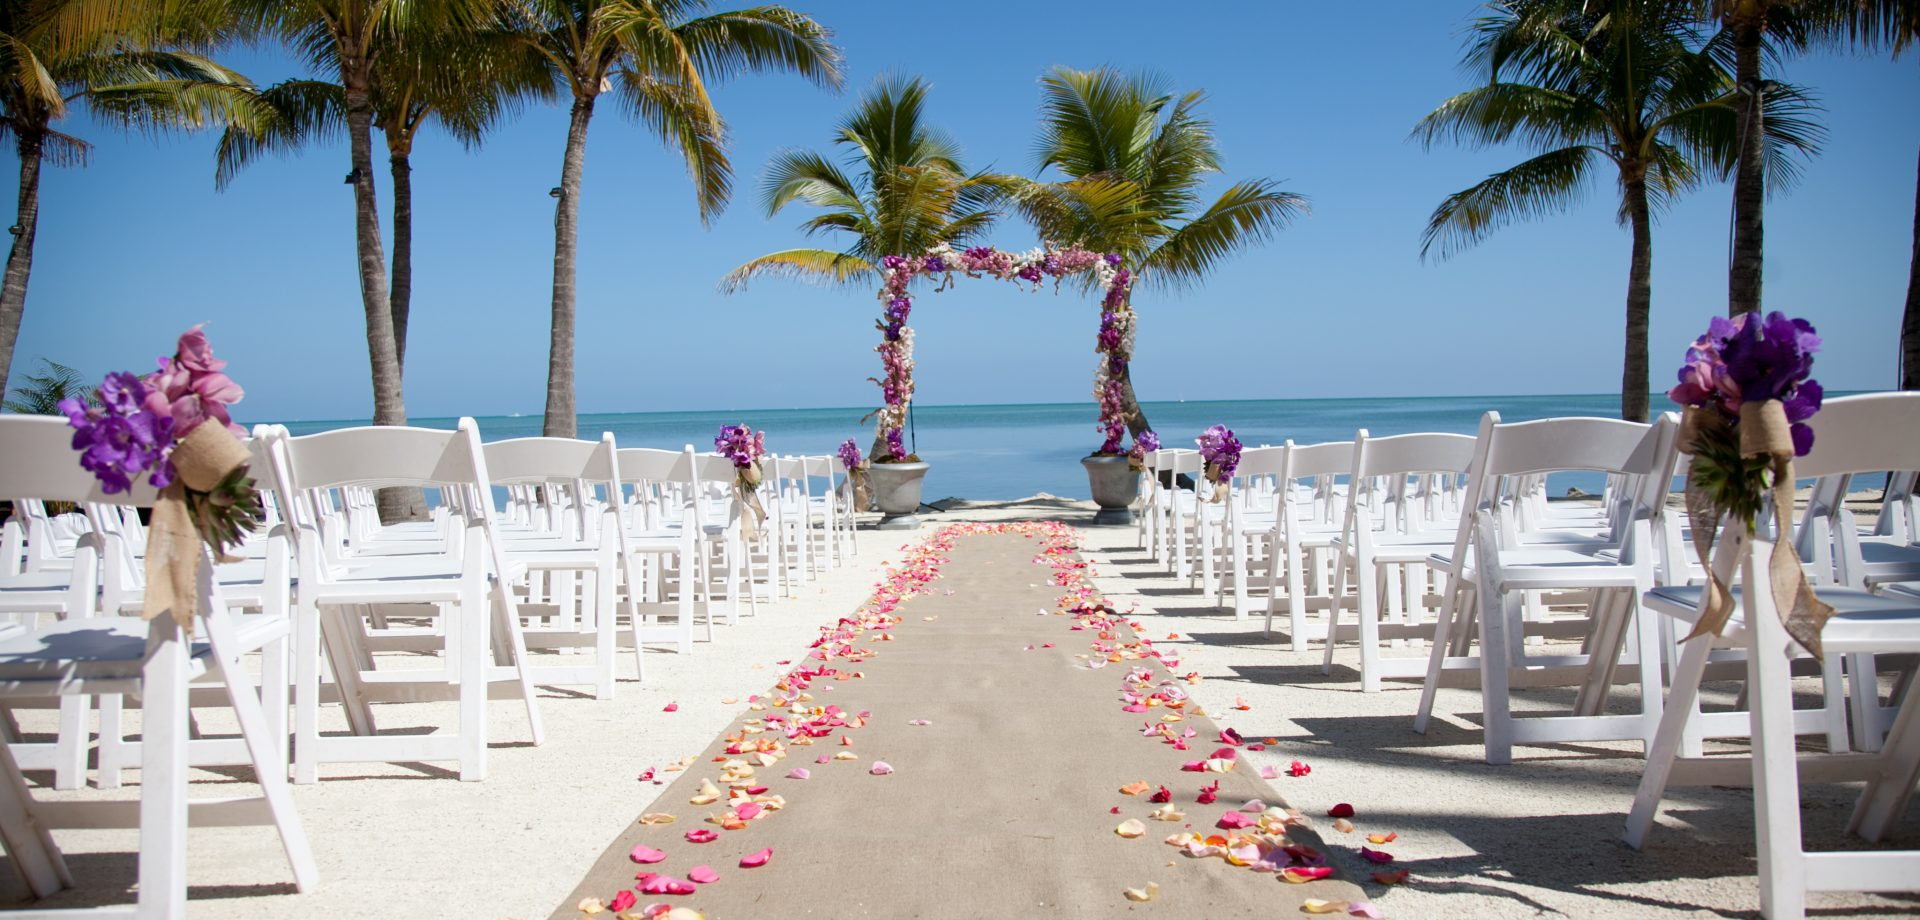 Florida Keys Weddings Islamorada